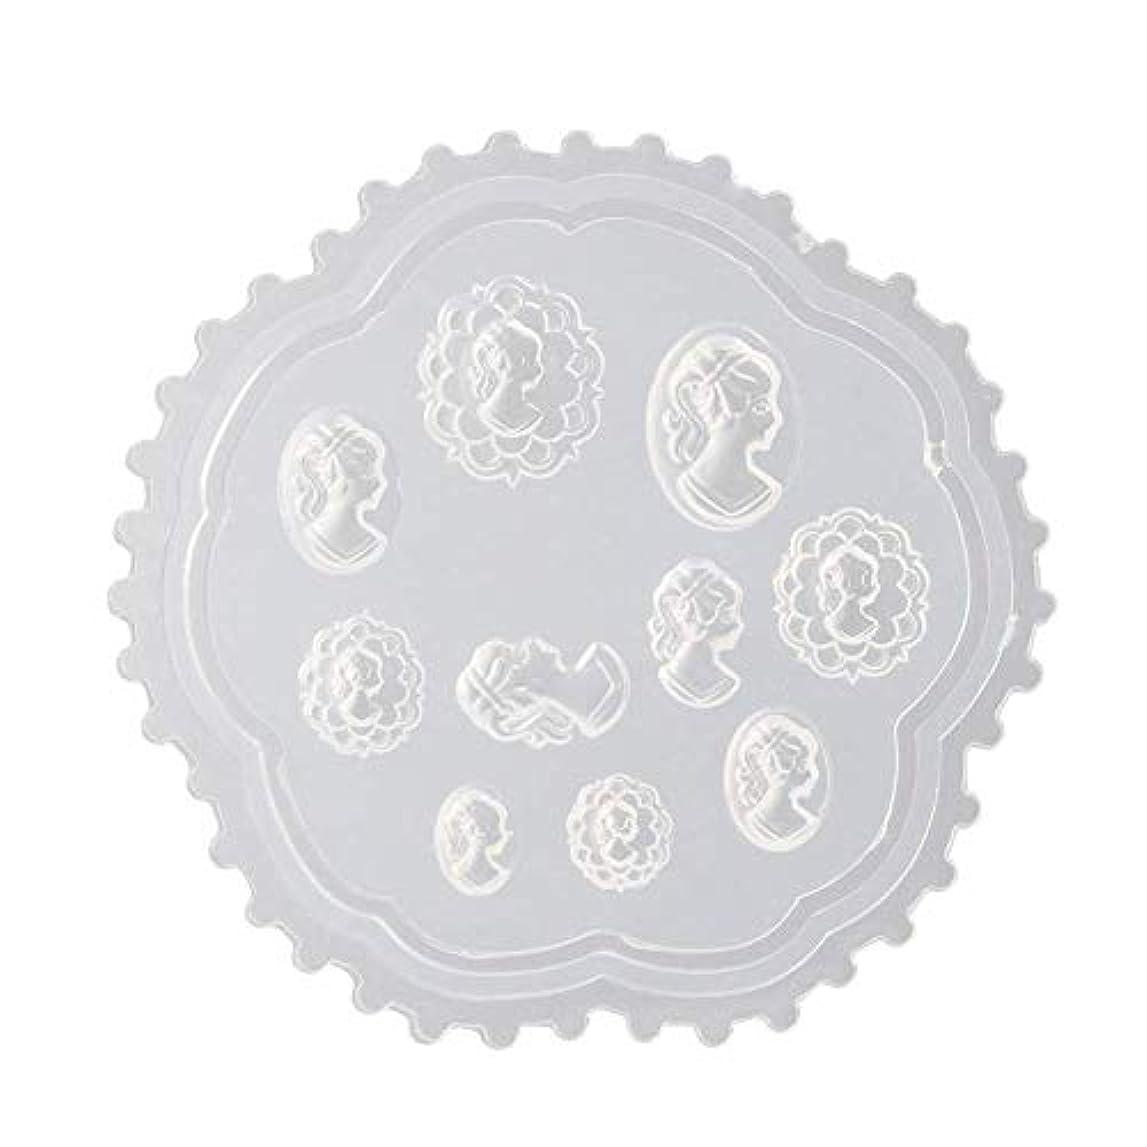 没頭する起きろスラッシュcoraly 3Dシリコンモールド ネイル 葉 花 抜き型 3Dネイル用 レジンモールド UVレジン ネイルパーツ ジェル ネイル セット アクセサリー パーツ 作成 (2)